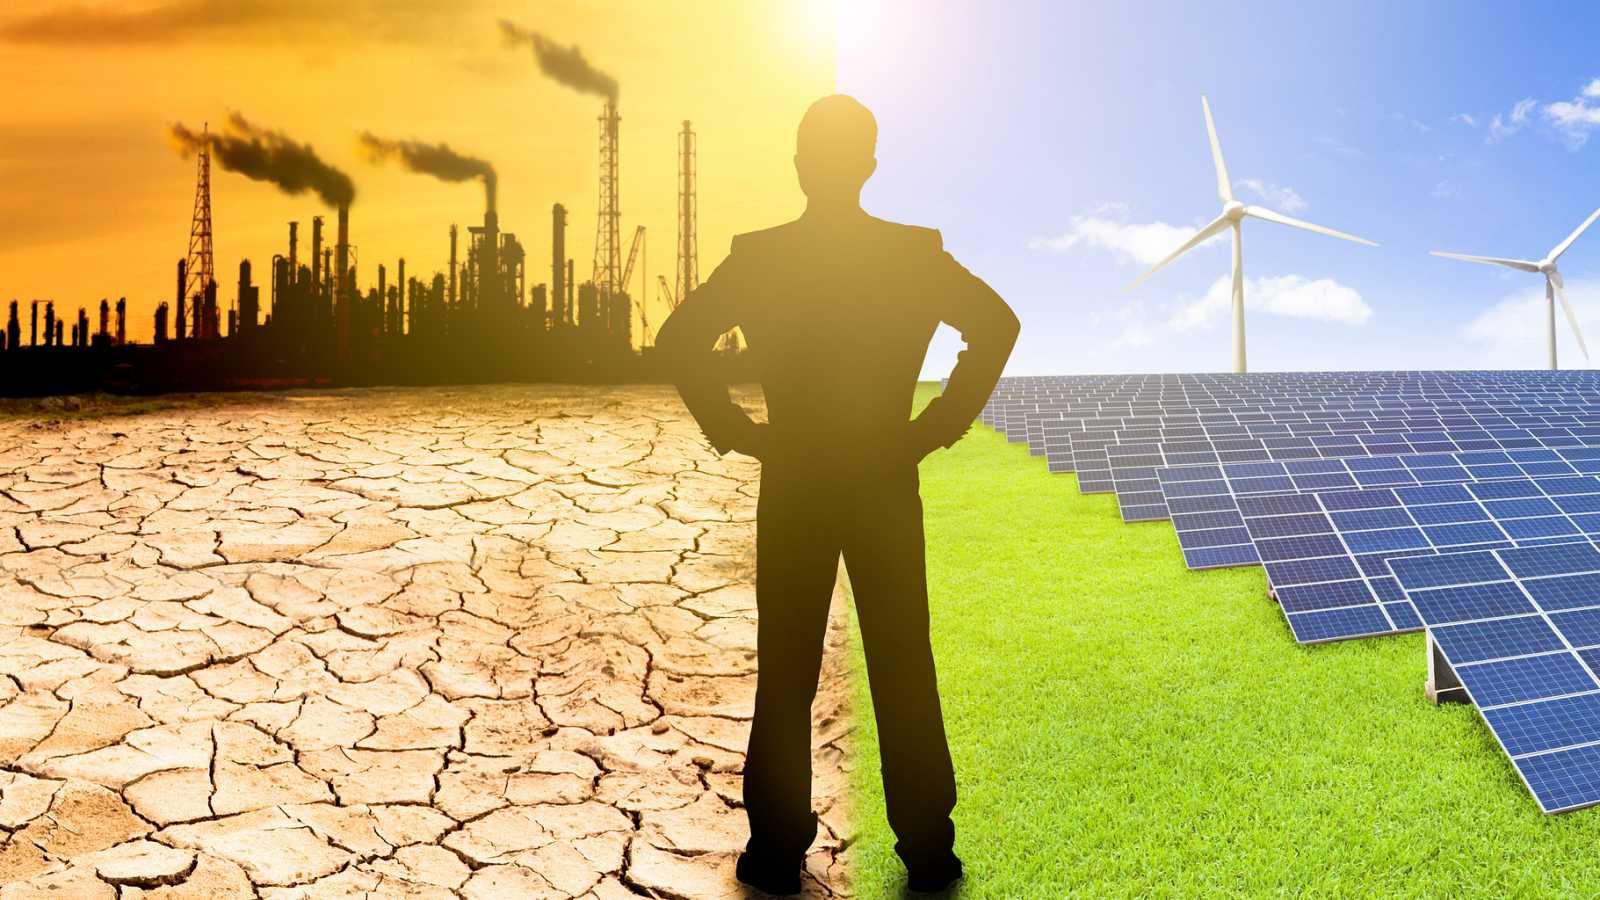 Vida verde - Justicia climática y transición energética - 19/12/20 - escuchar ahora